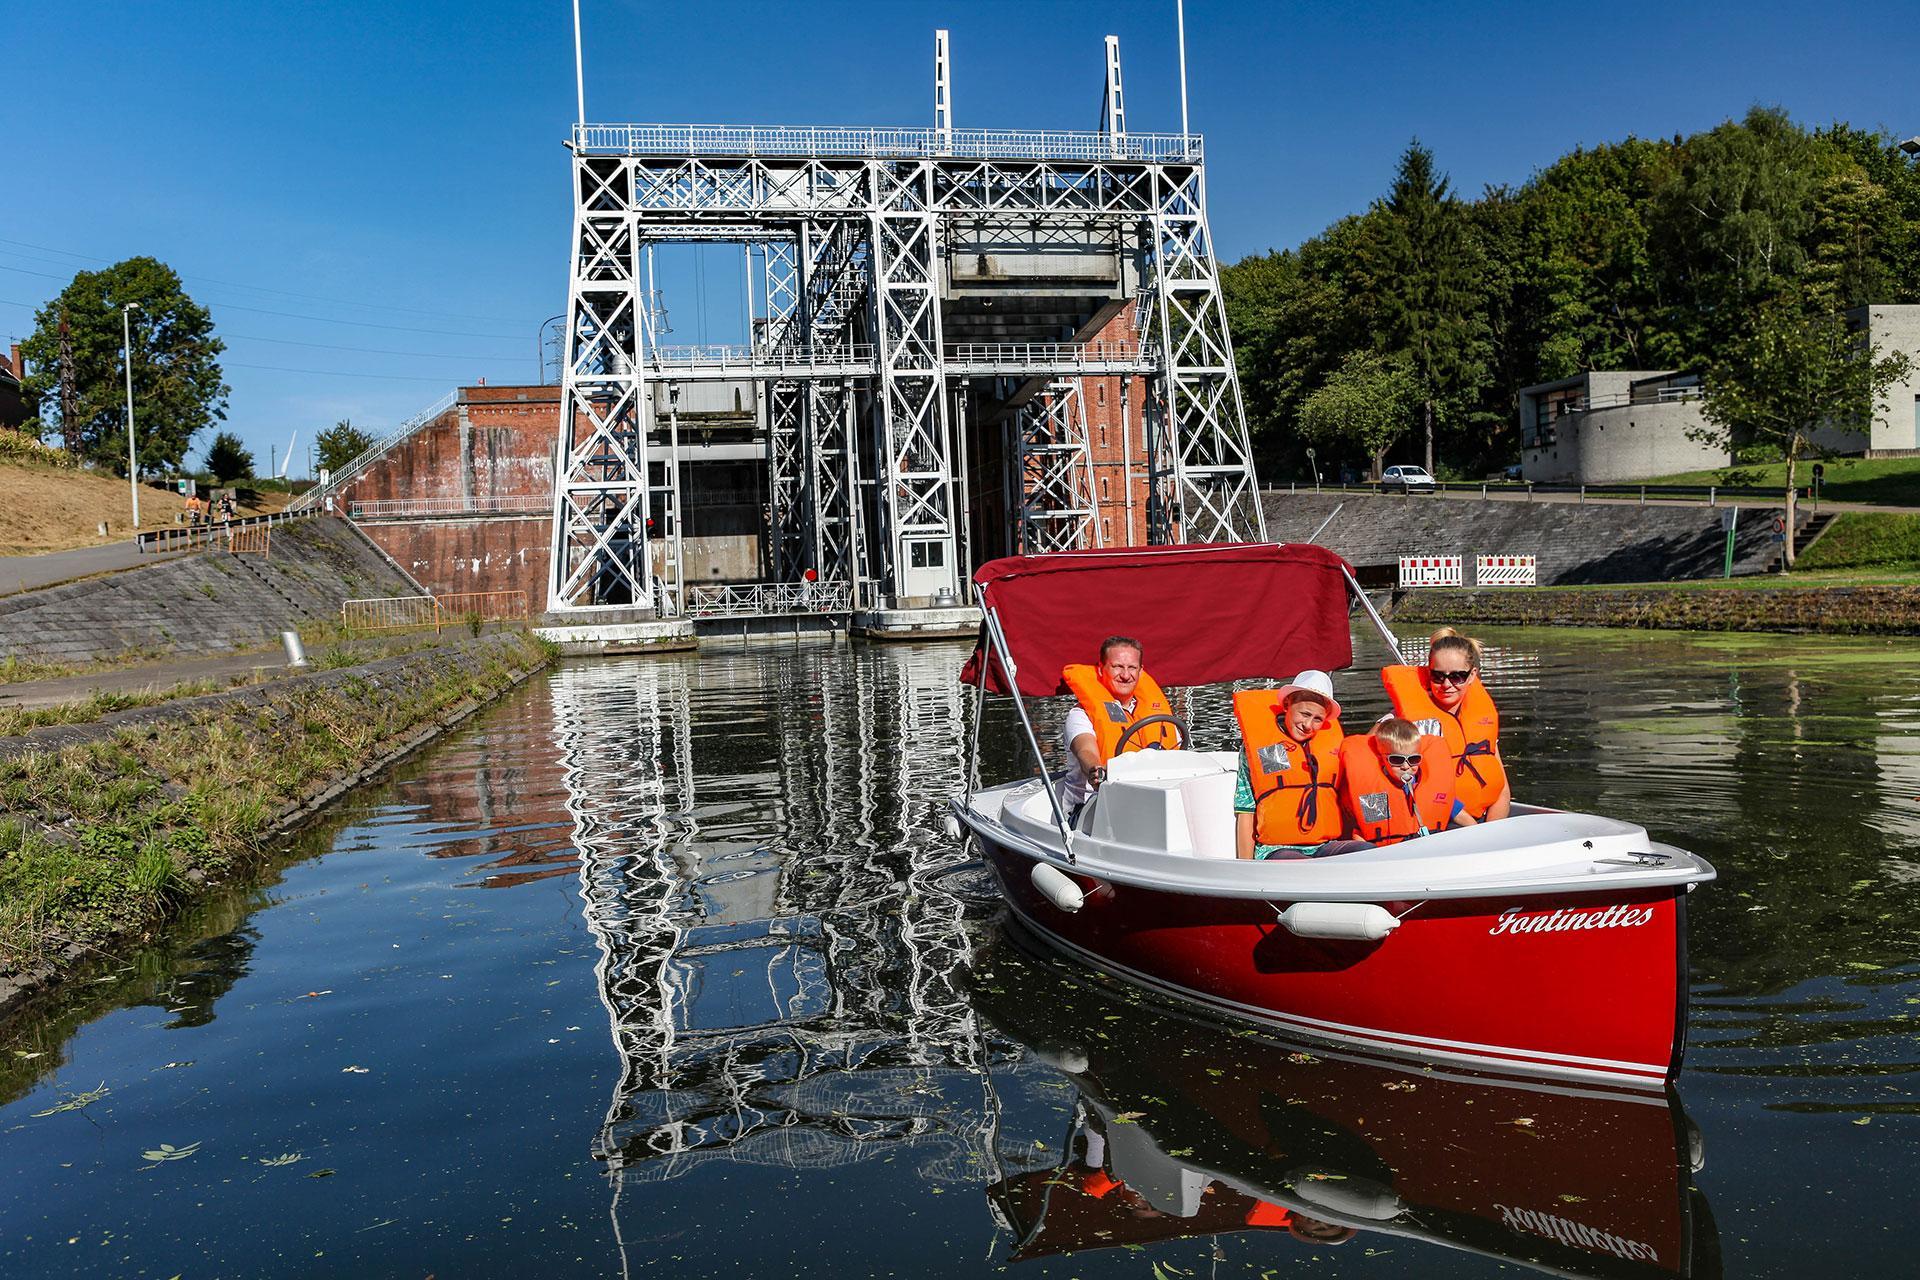 Bateaux électriques sur le Canal du Centre historique